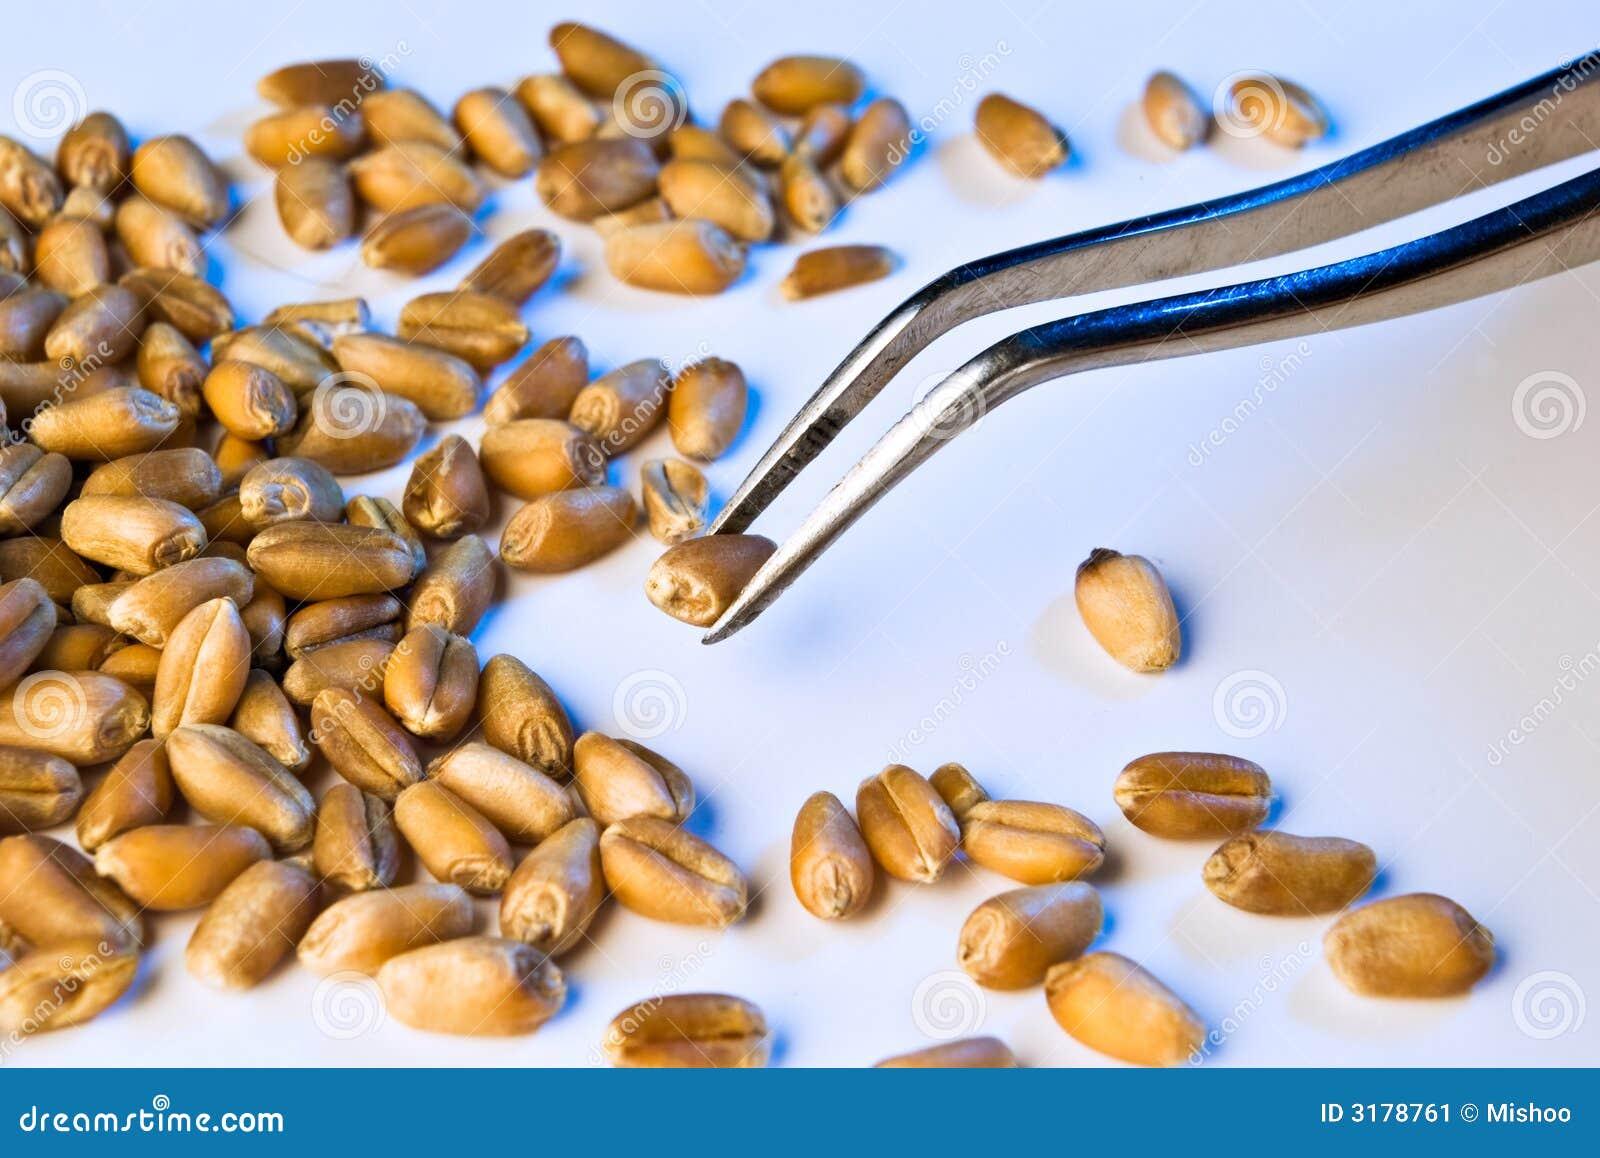 Seed on tweezers